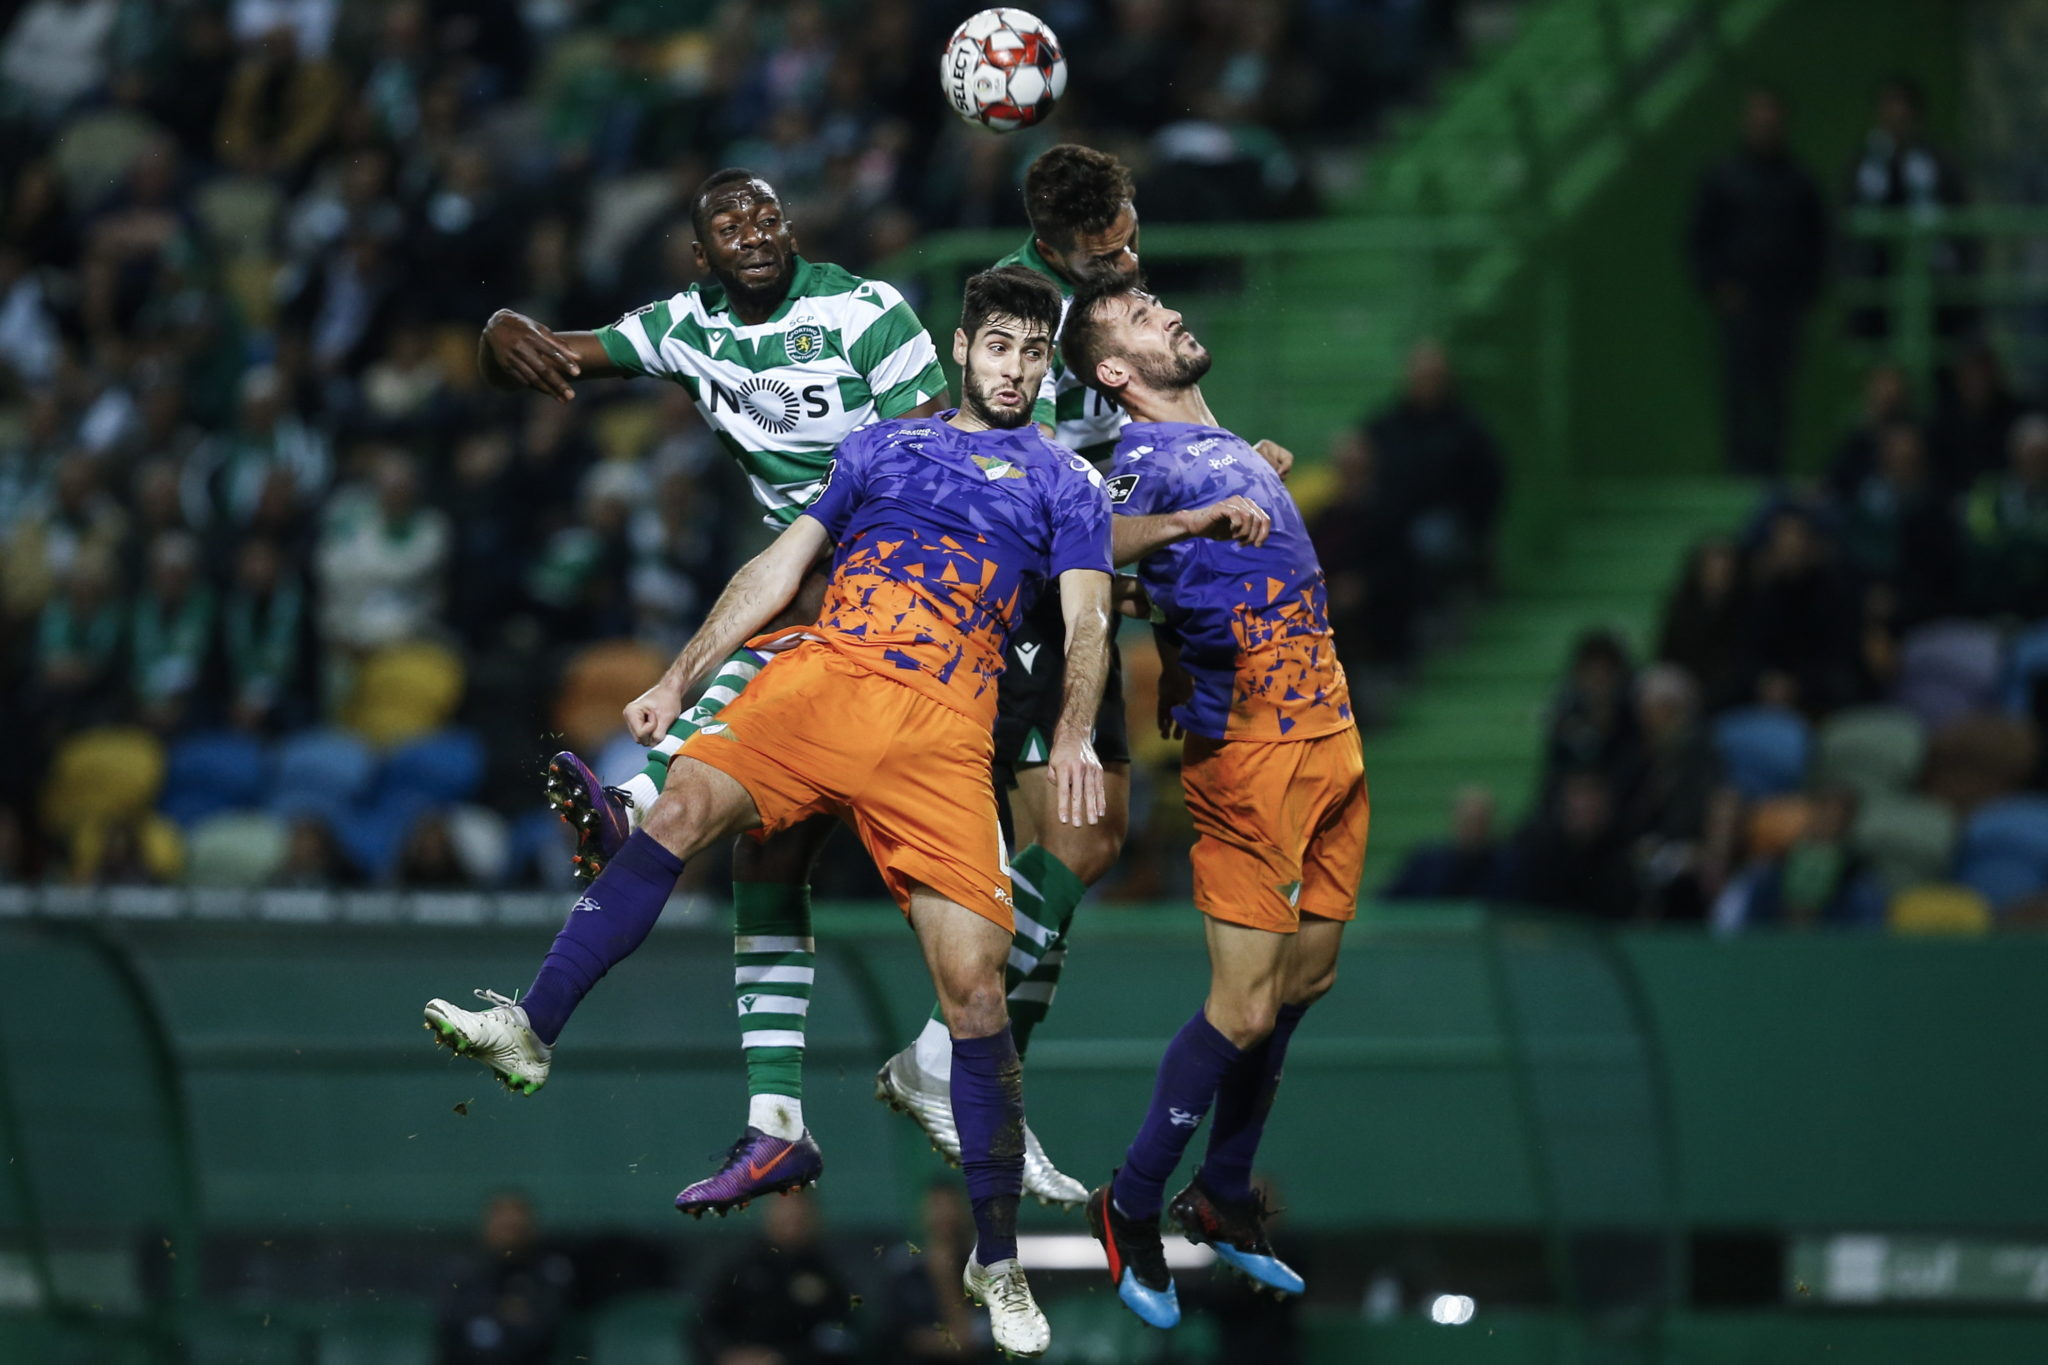 Akcja podczas meczu pierwszej ligi portugalskiej pomiędzy Sporting i Moreirense na stadionie Alvalade w Lizbonie, fot. EPA/RODRIGO ANTUNES